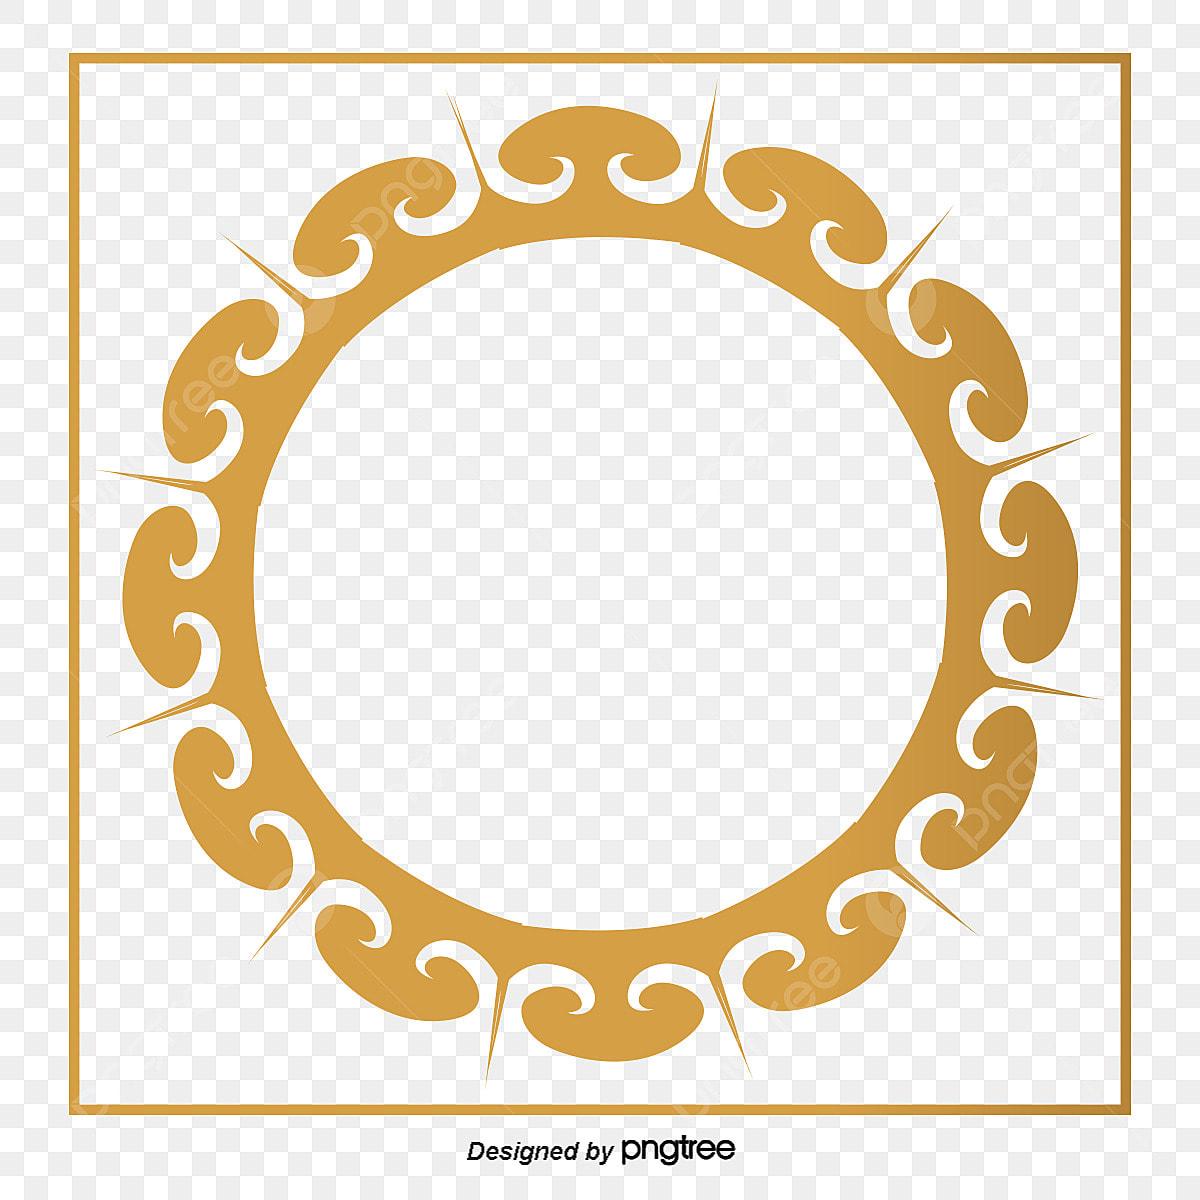 إطارات ذهبية الذهبي فريم صور Png وملف Psd للتحميل مجانا